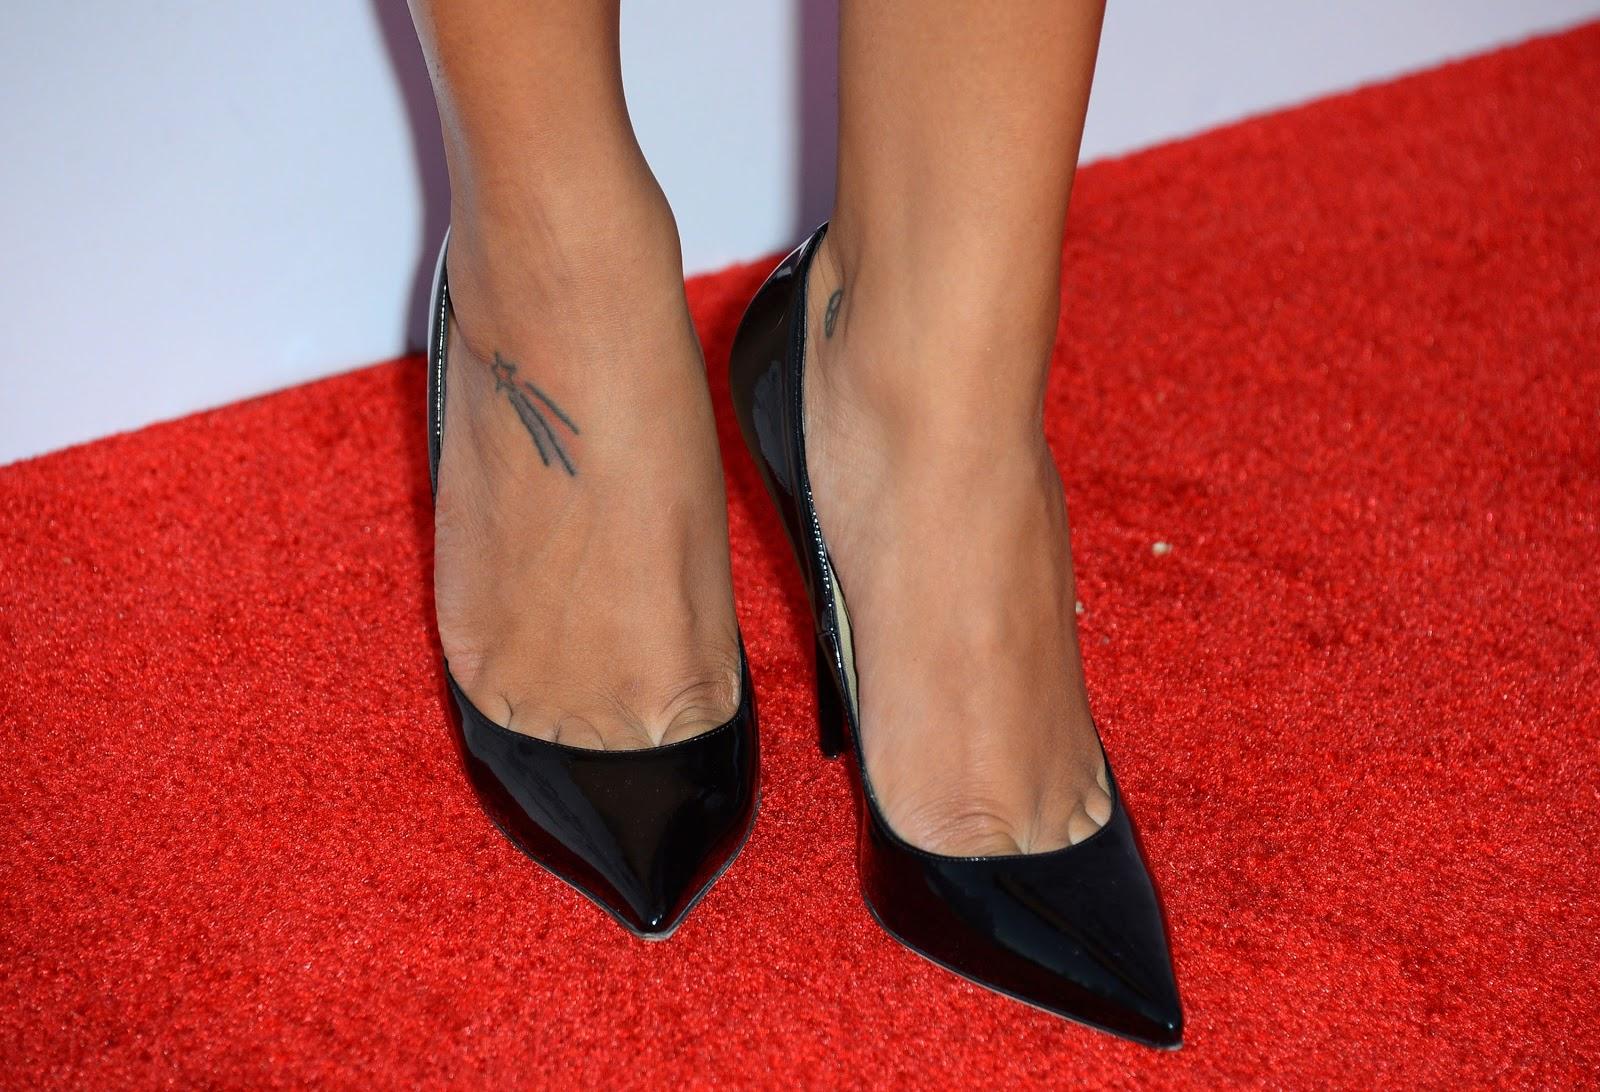 the toe cleavage blog tattoo week 2 naya rivera